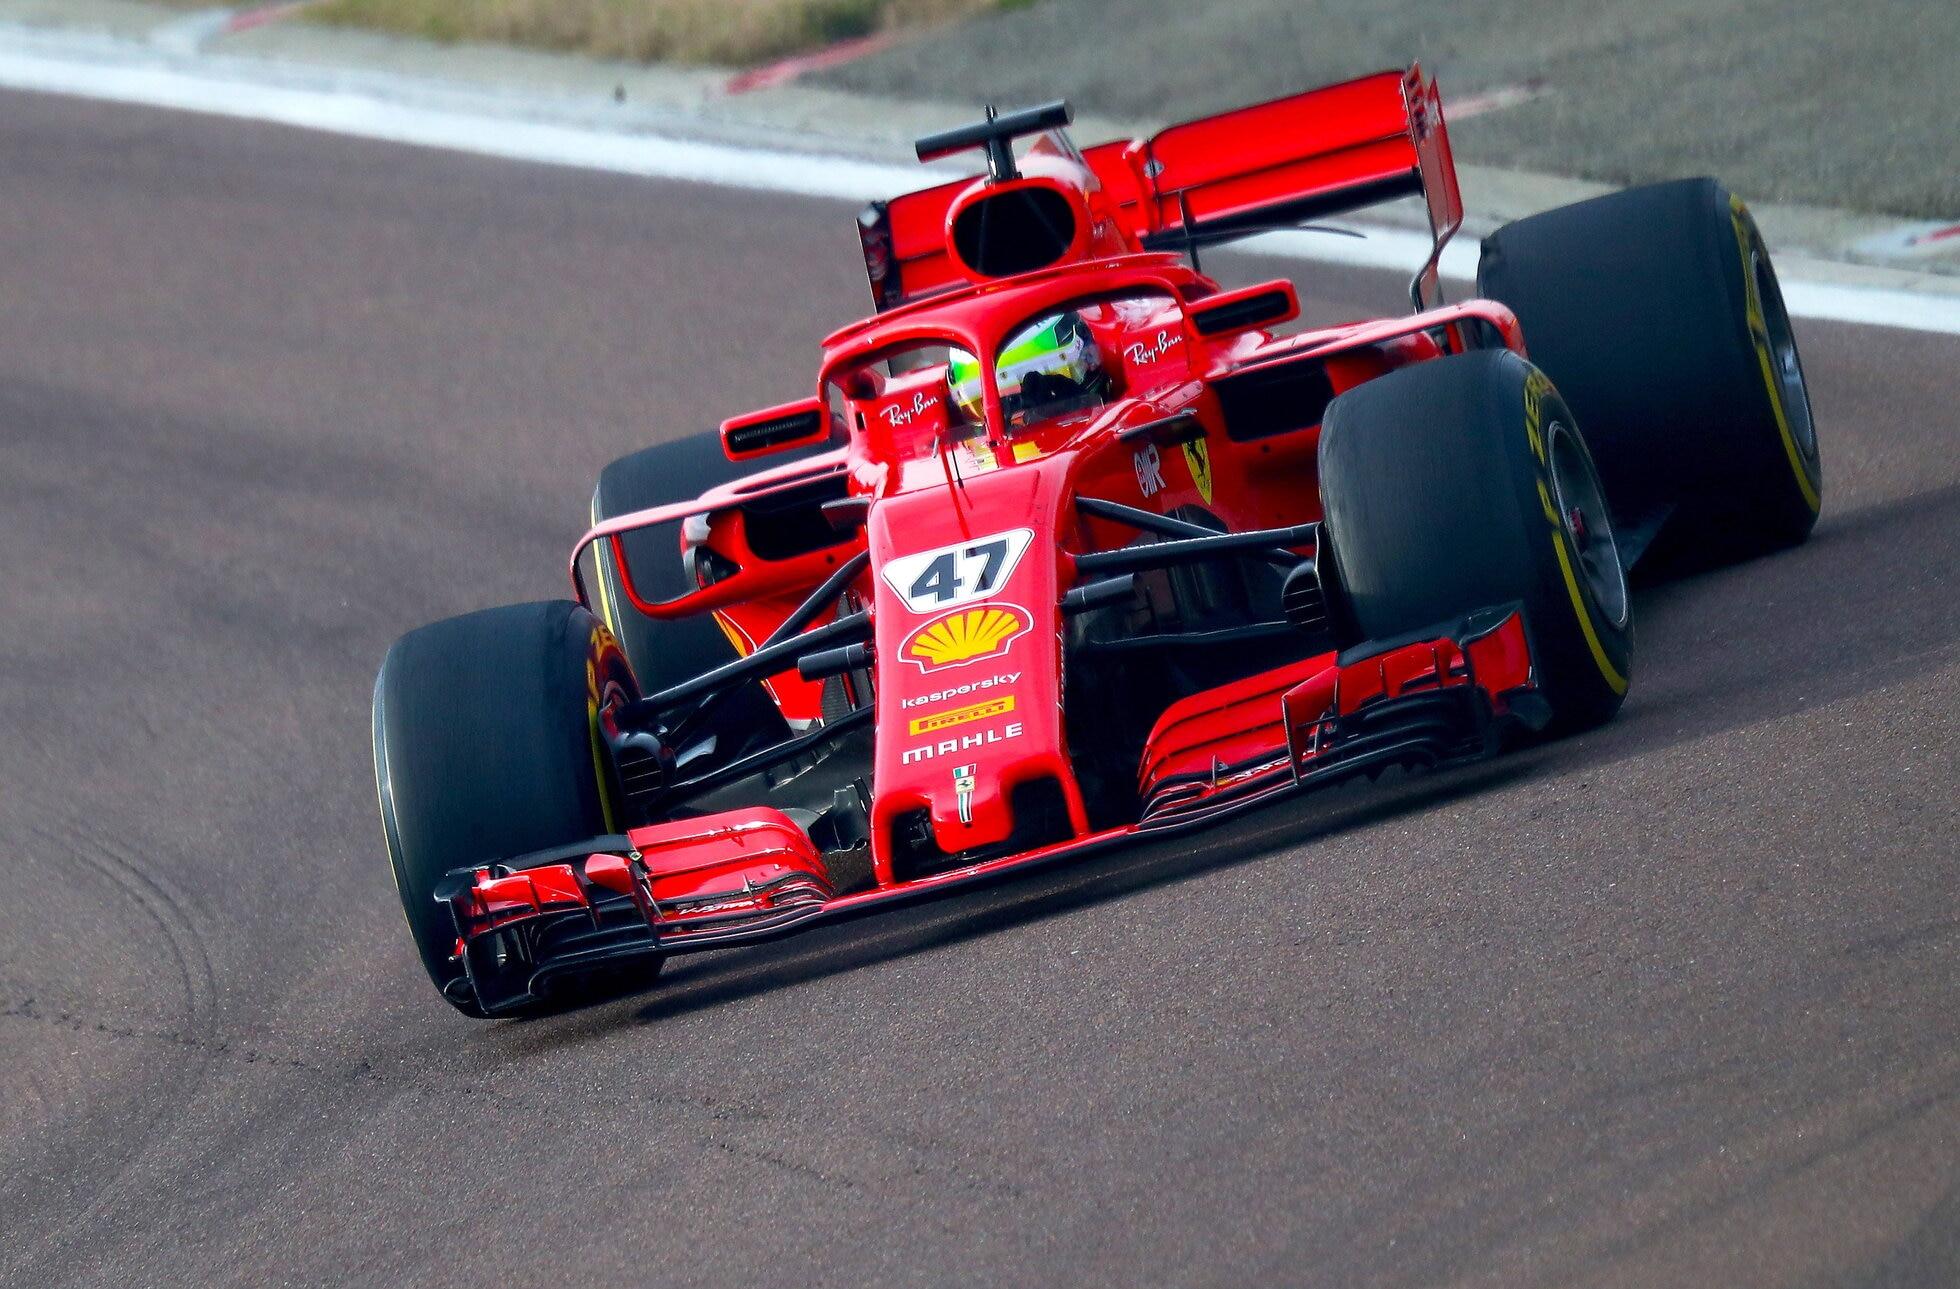 Flotte Nummern: Geheimnisse von Schumi, Vettel & Co.